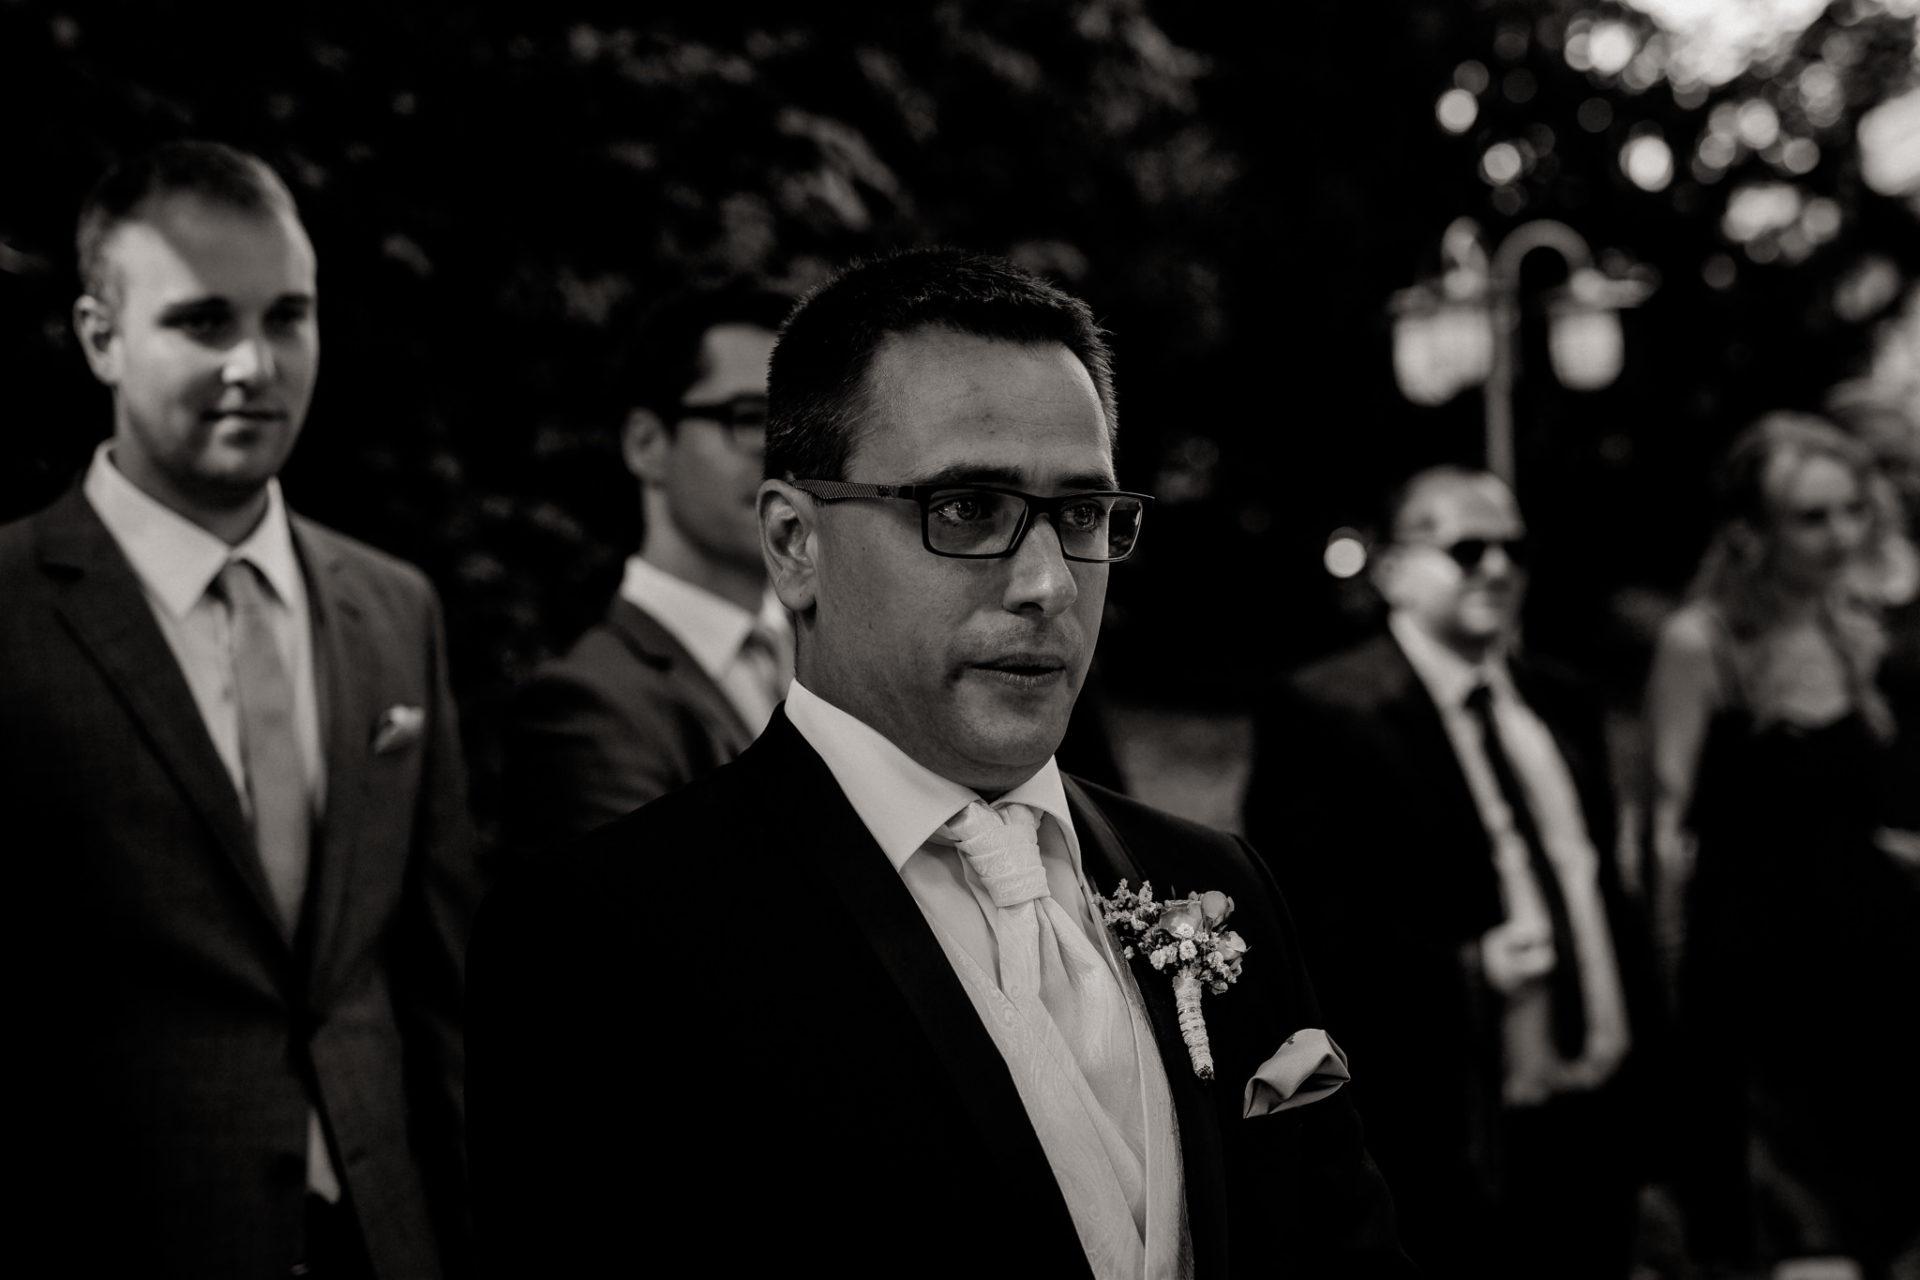 hochzeitsfotograf schloss heinsheim-elegant heiraten-Schafstall Heinsheim-Natürliche Portraits-Umgestellte Hochzeitsbilder-bräutigam emotionen